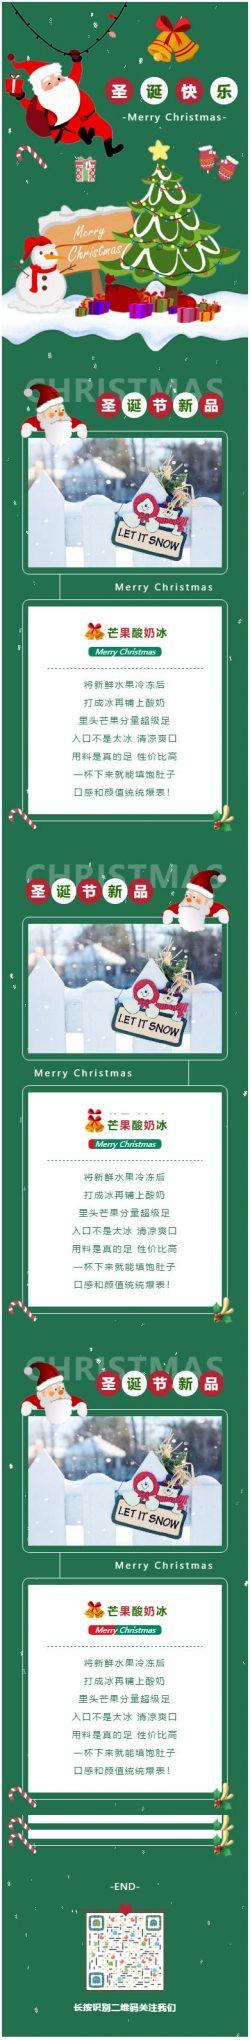 圣诞节平安夜圣诞老人礼物红绿色微信公众号推文模板推送图文素材